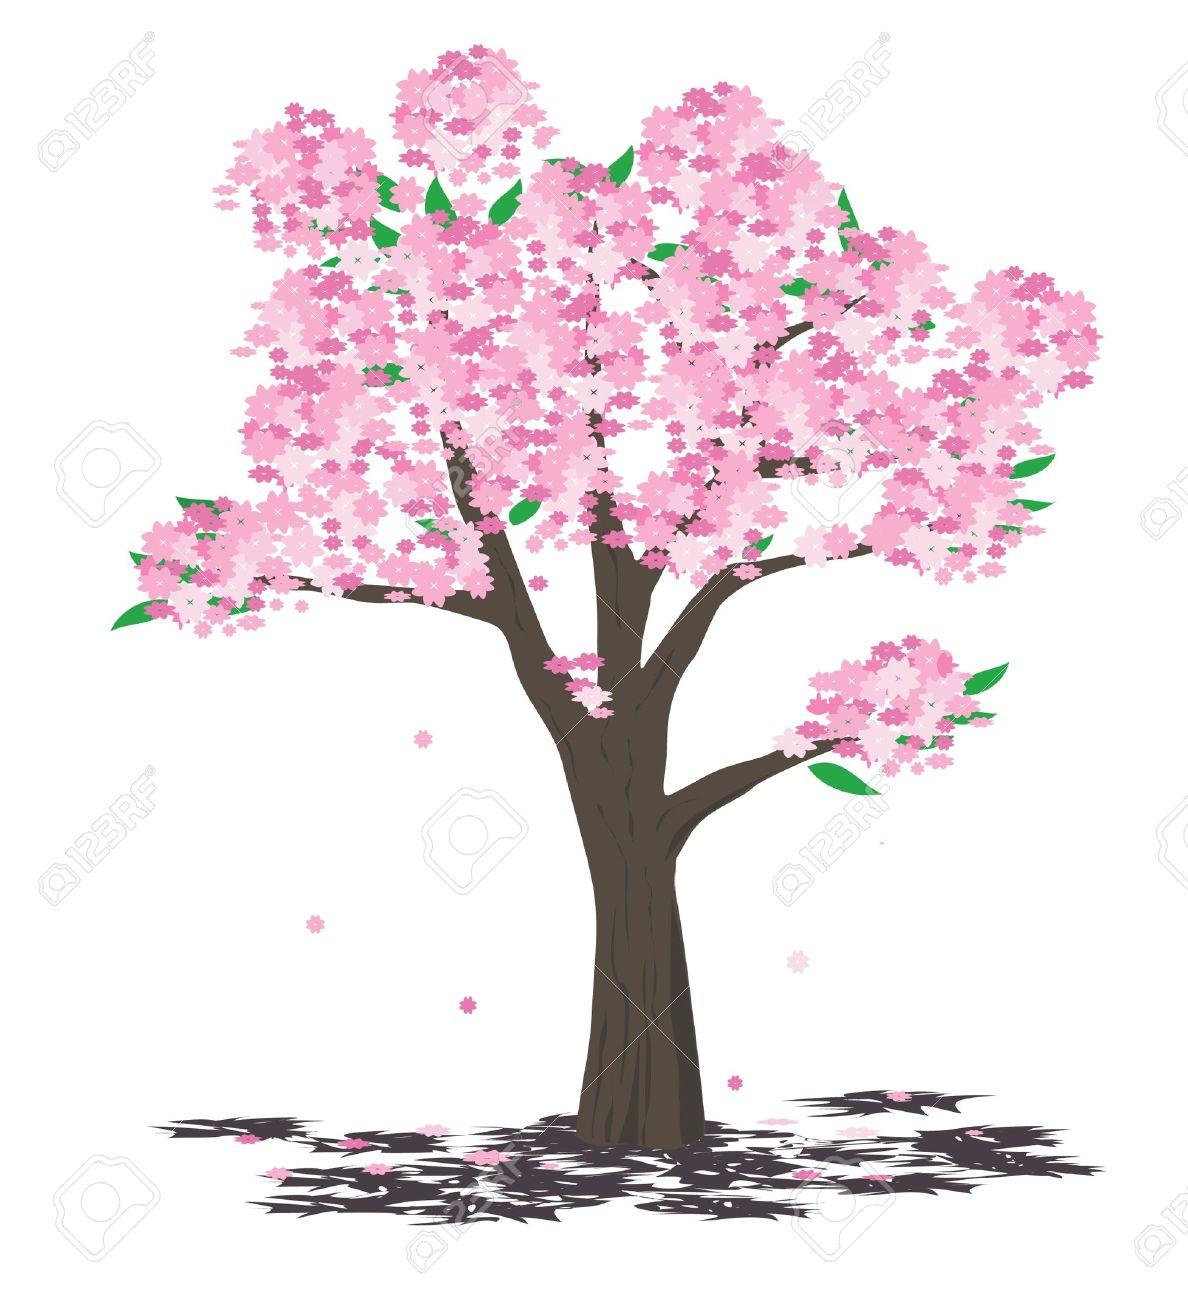 Tree illustration - spring Stock Vector - 11489266